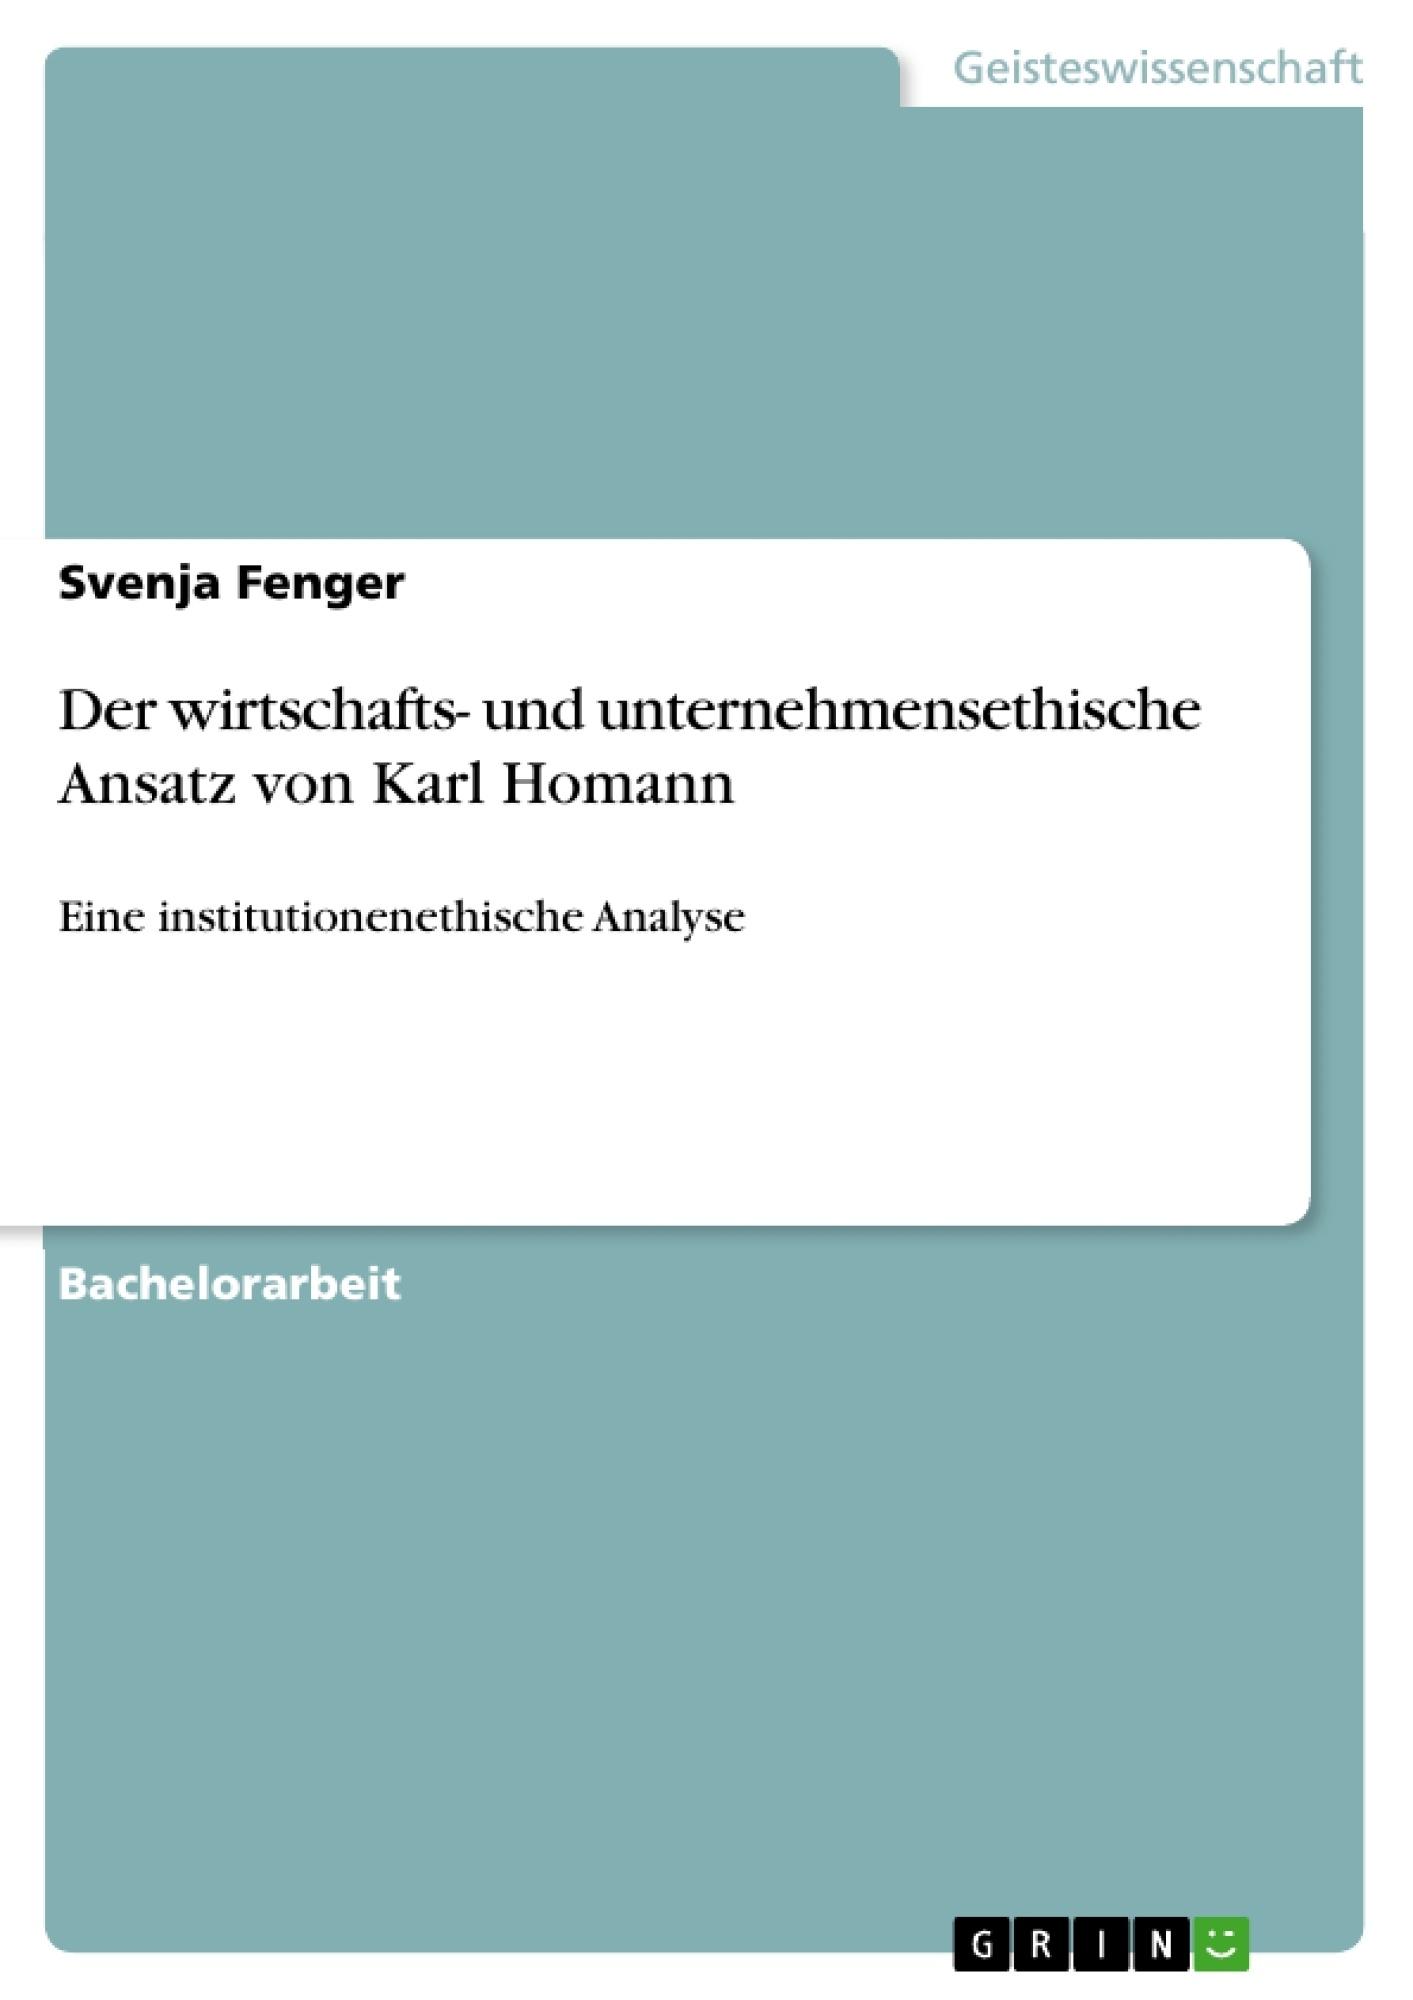 Titel: Der wirtschafts- und unternehmensethische Ansatz von Karl Homann